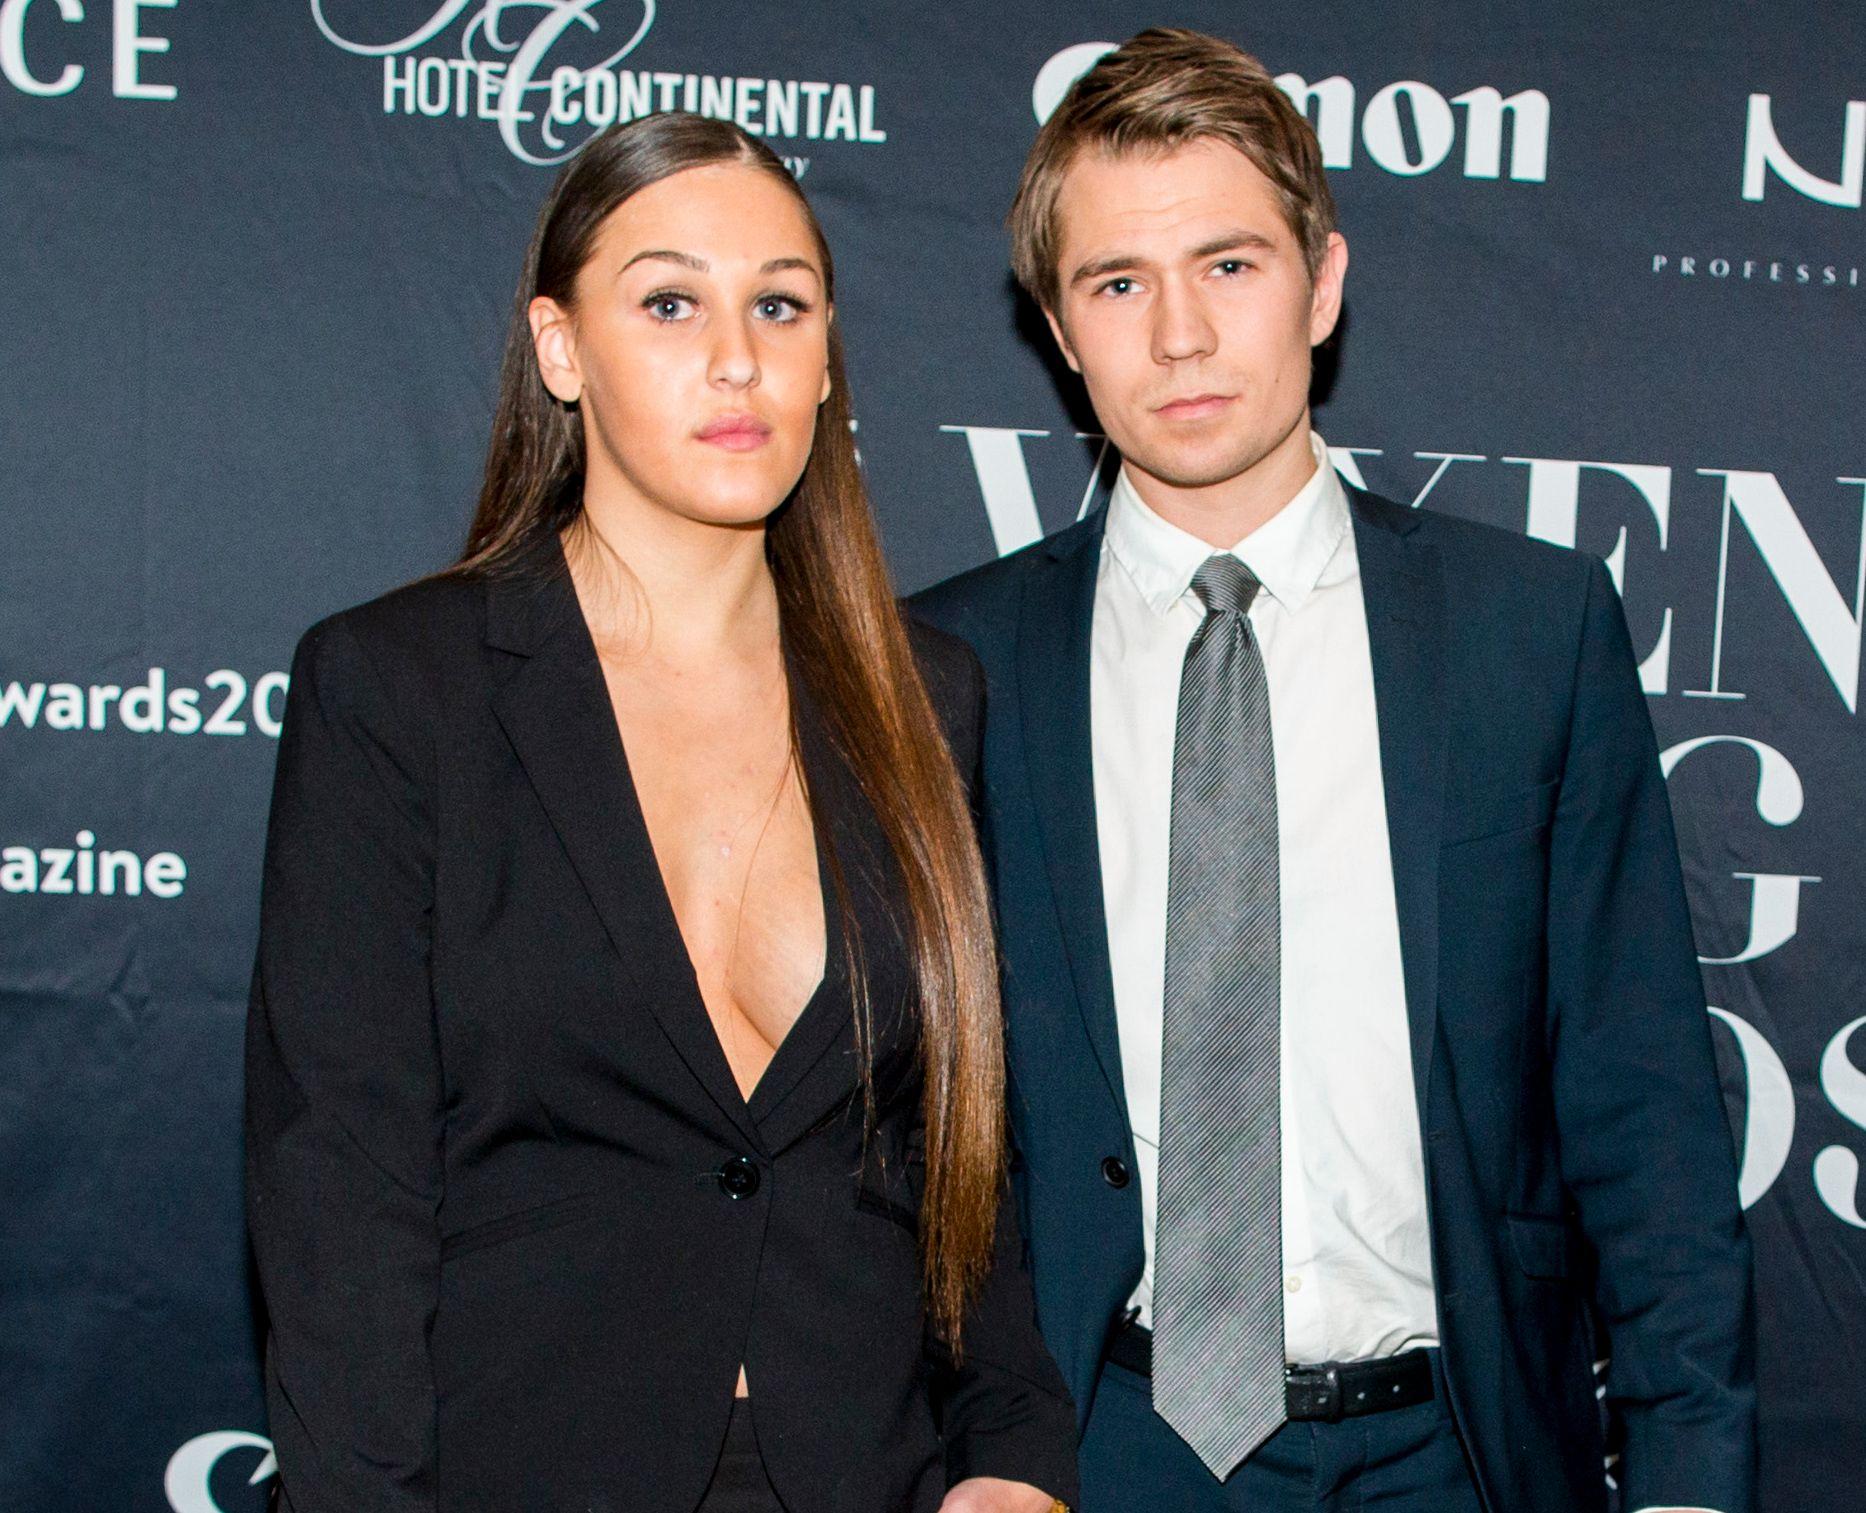 GIFTEKLARE: Anna Rasmussen og samboeren Jan Lossius avslører at de skal gifte seg i 2018.